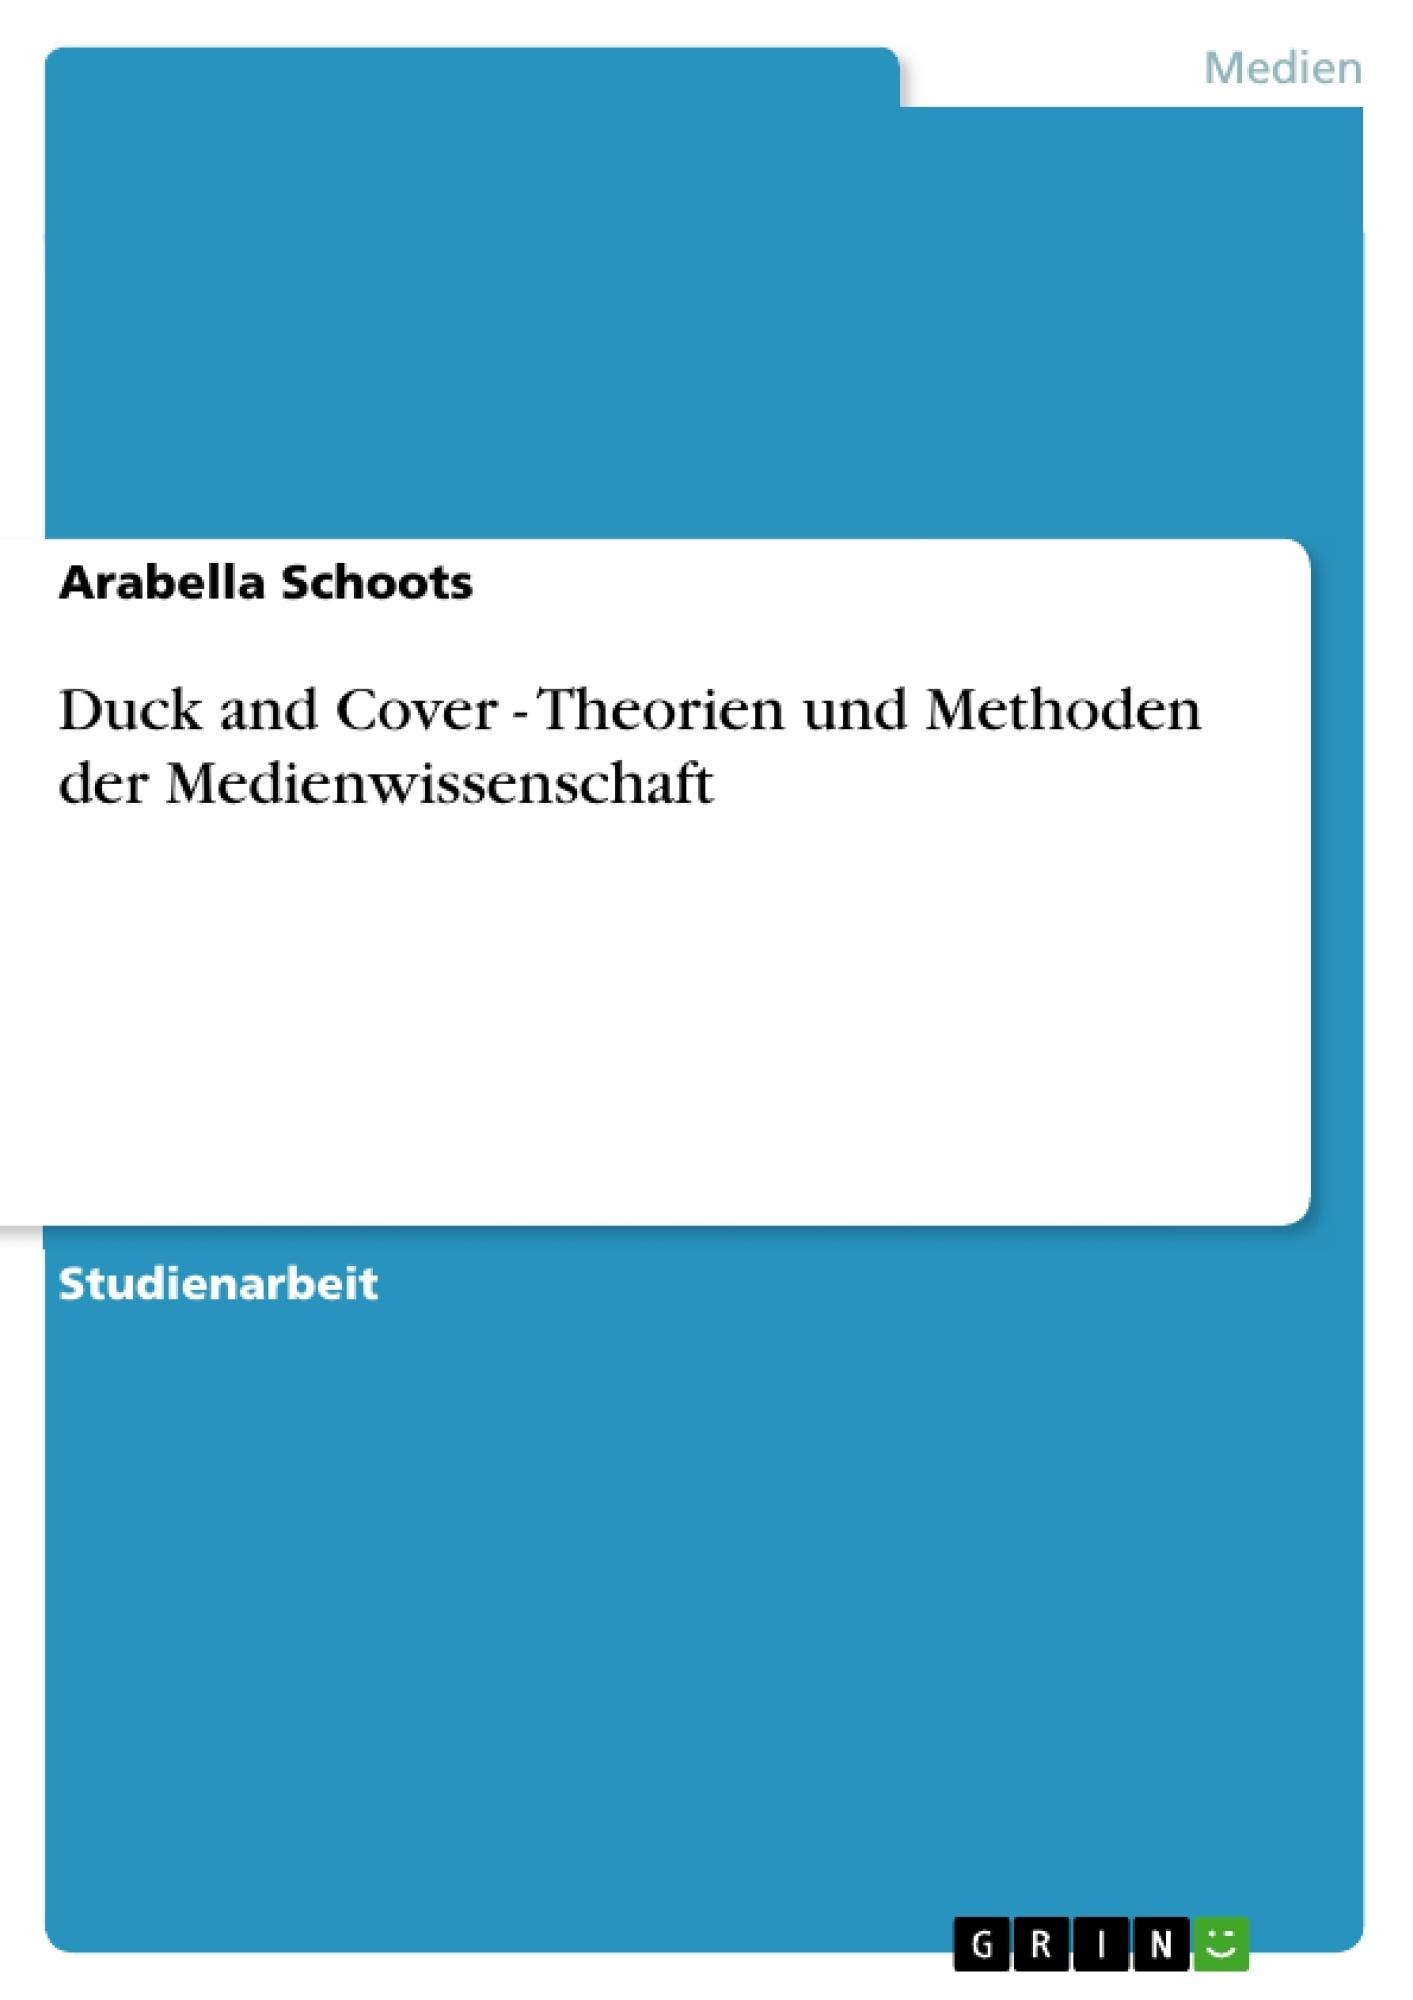 Titel: Duck and Cover - Theorien und Methoden der Medienwissenschaft